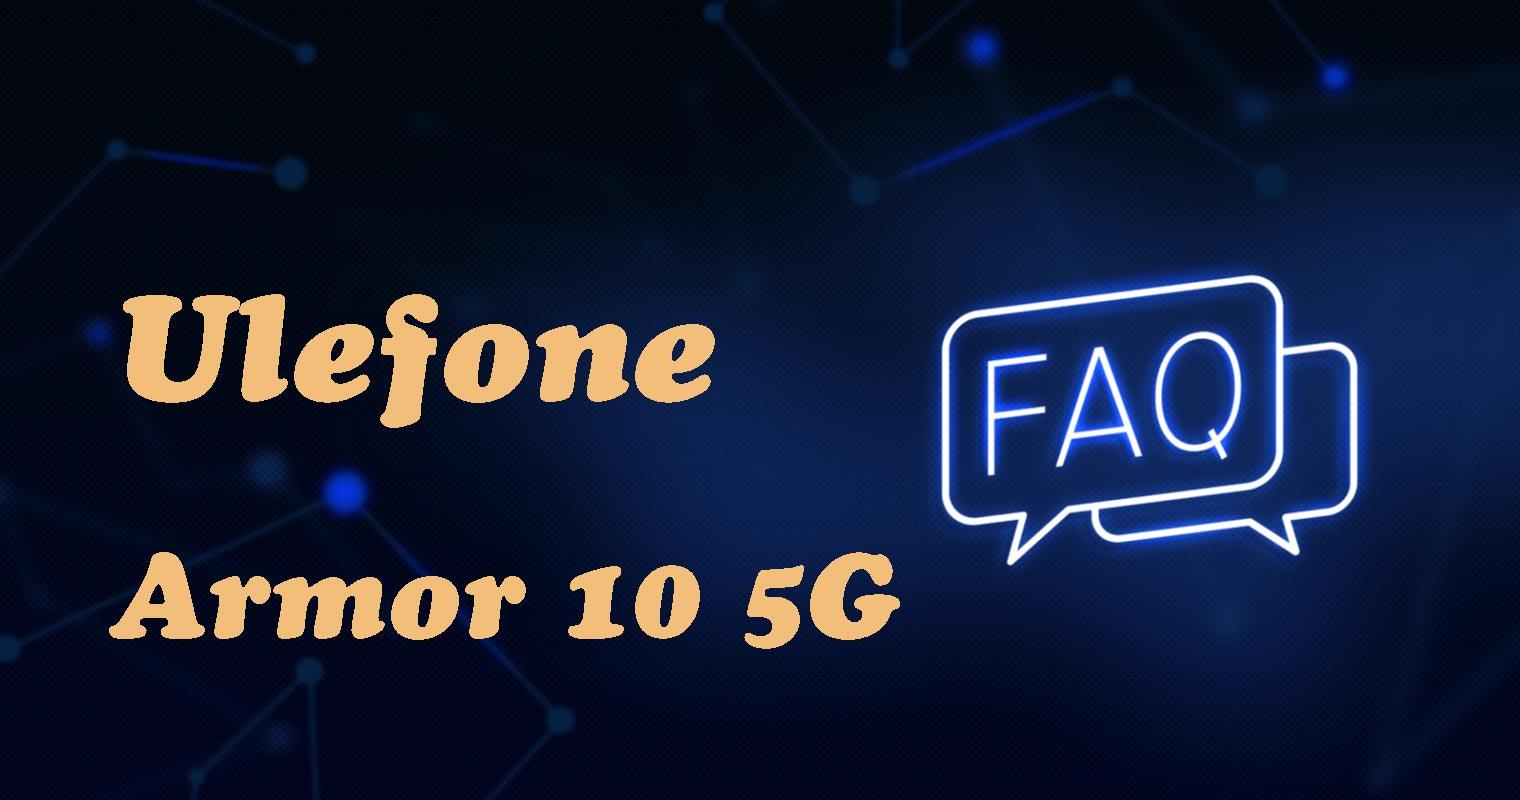 Ulefone Armor 10 FAQs 5G